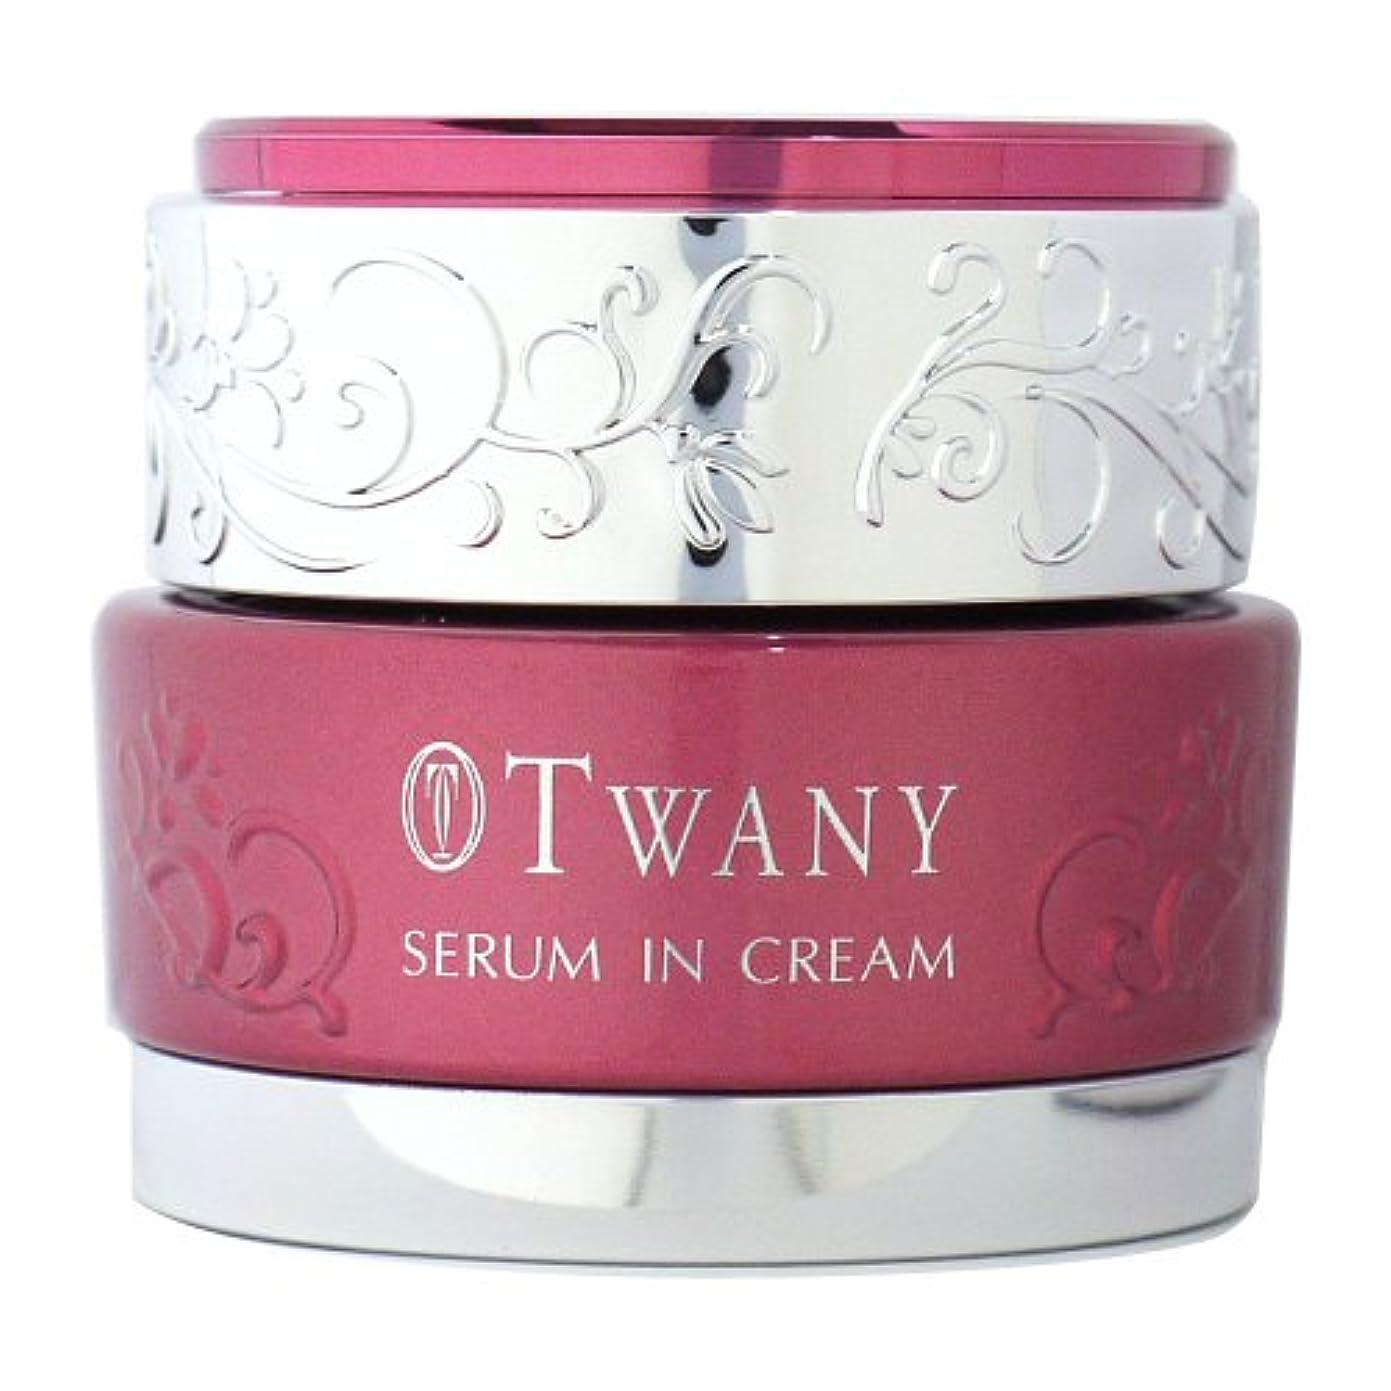 分析的な化合物対処するカネボウ トワニー TWANY セラムインクリーム 30g